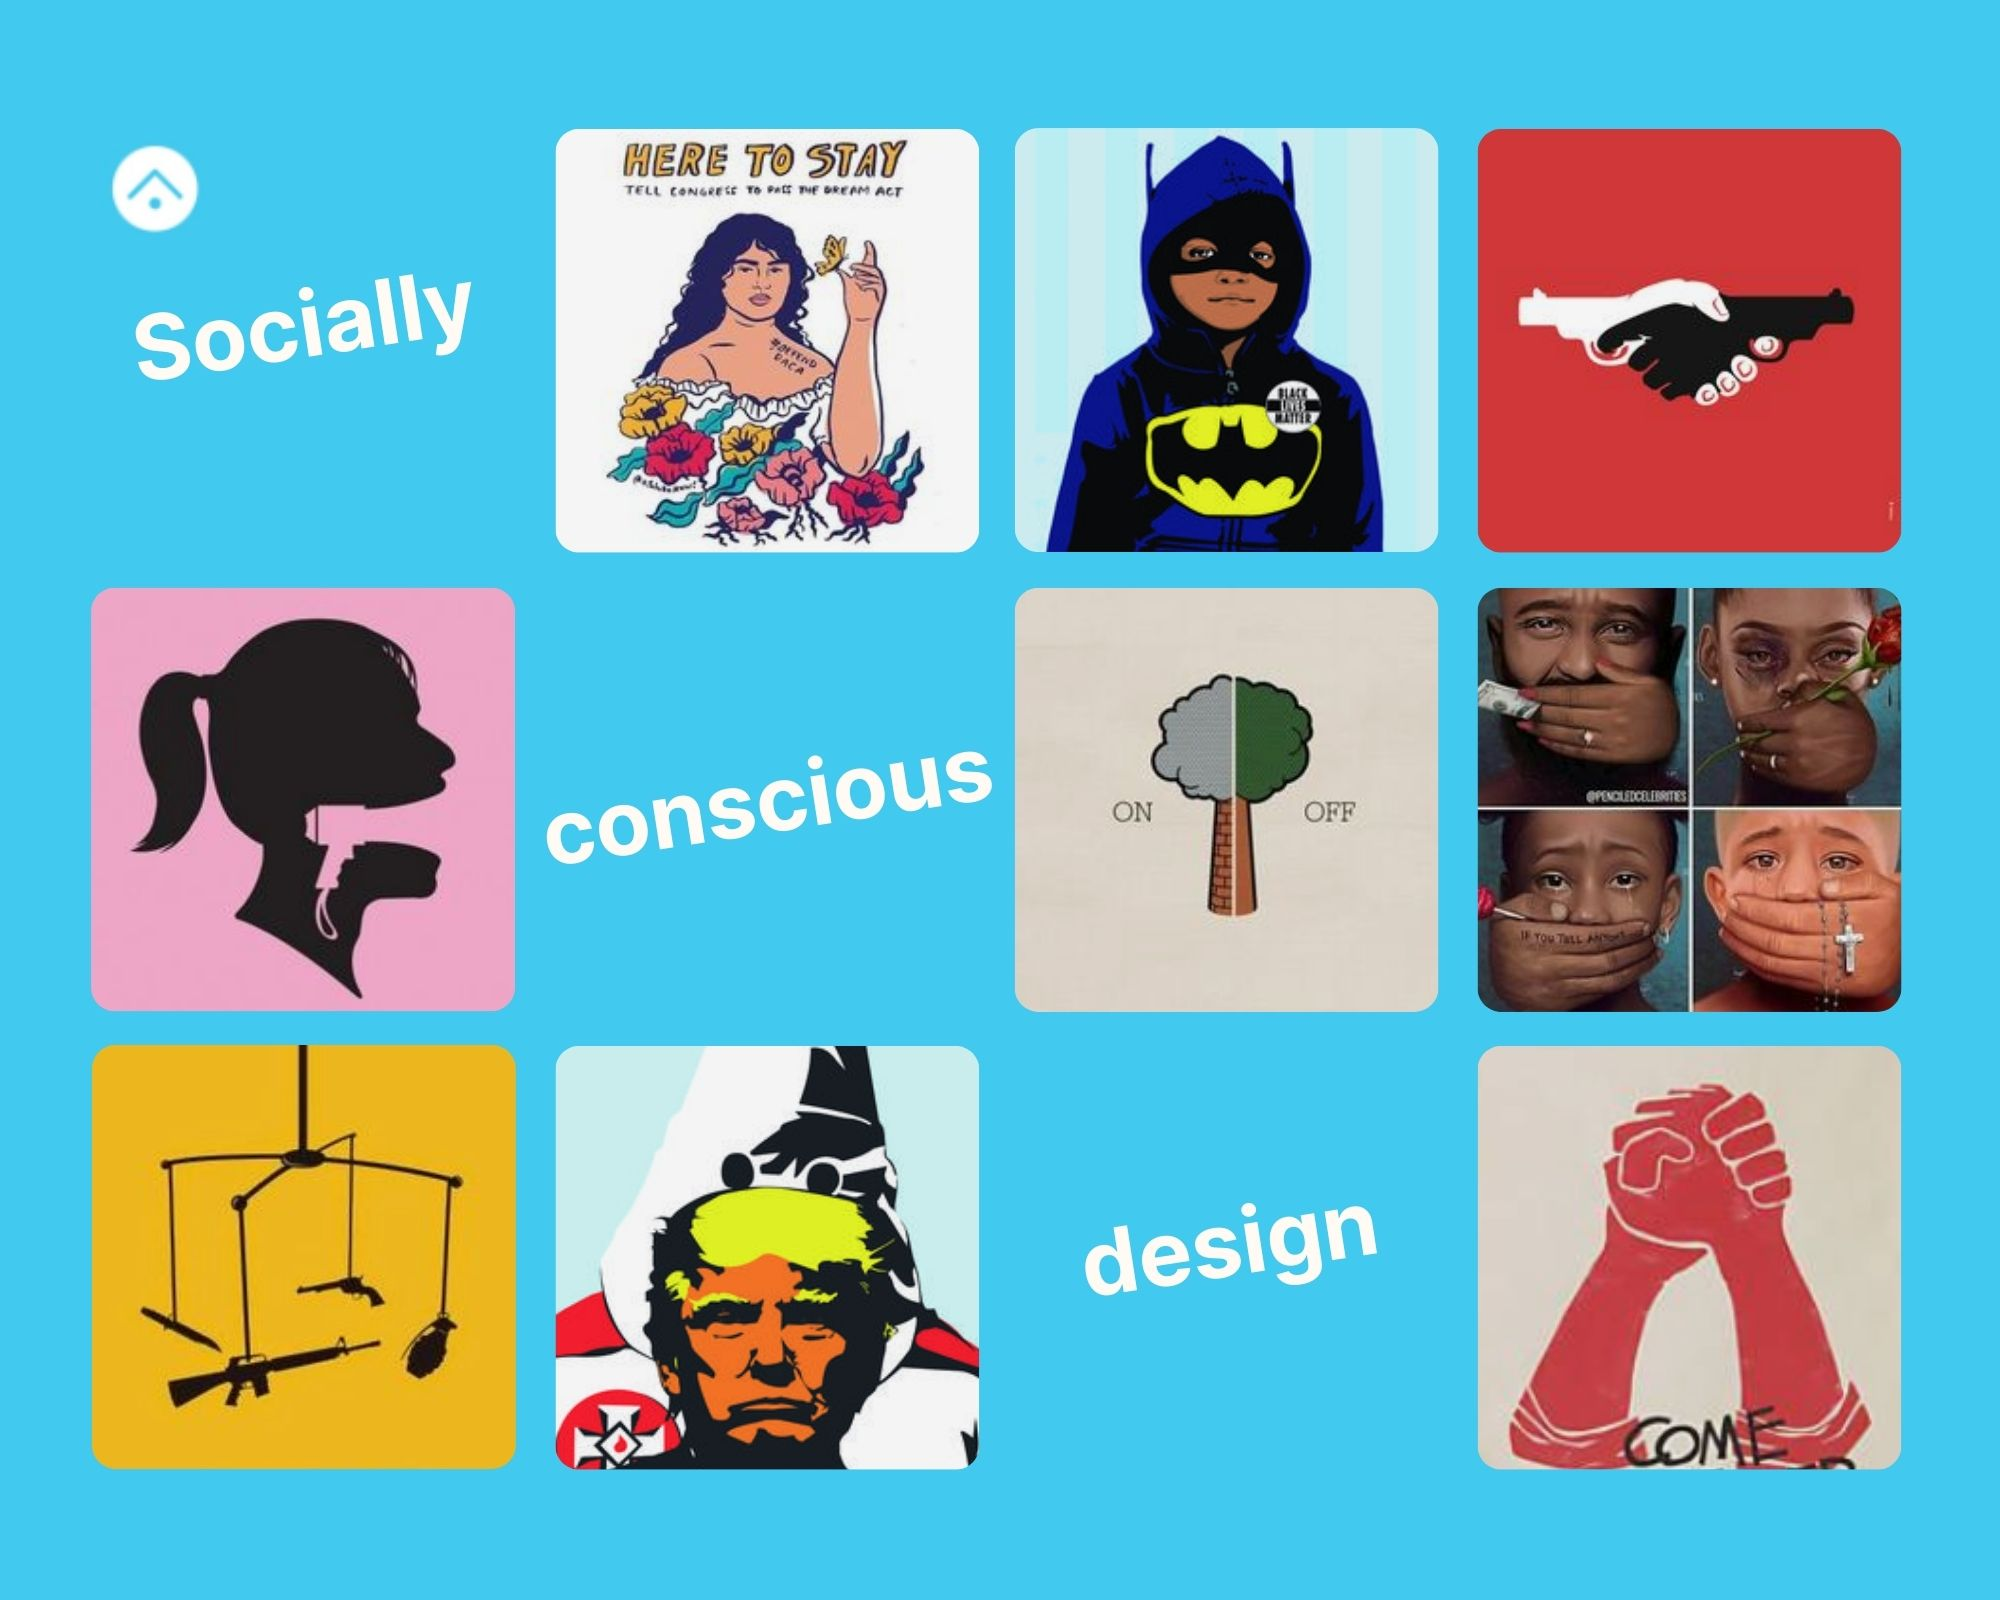 social conscious design examples